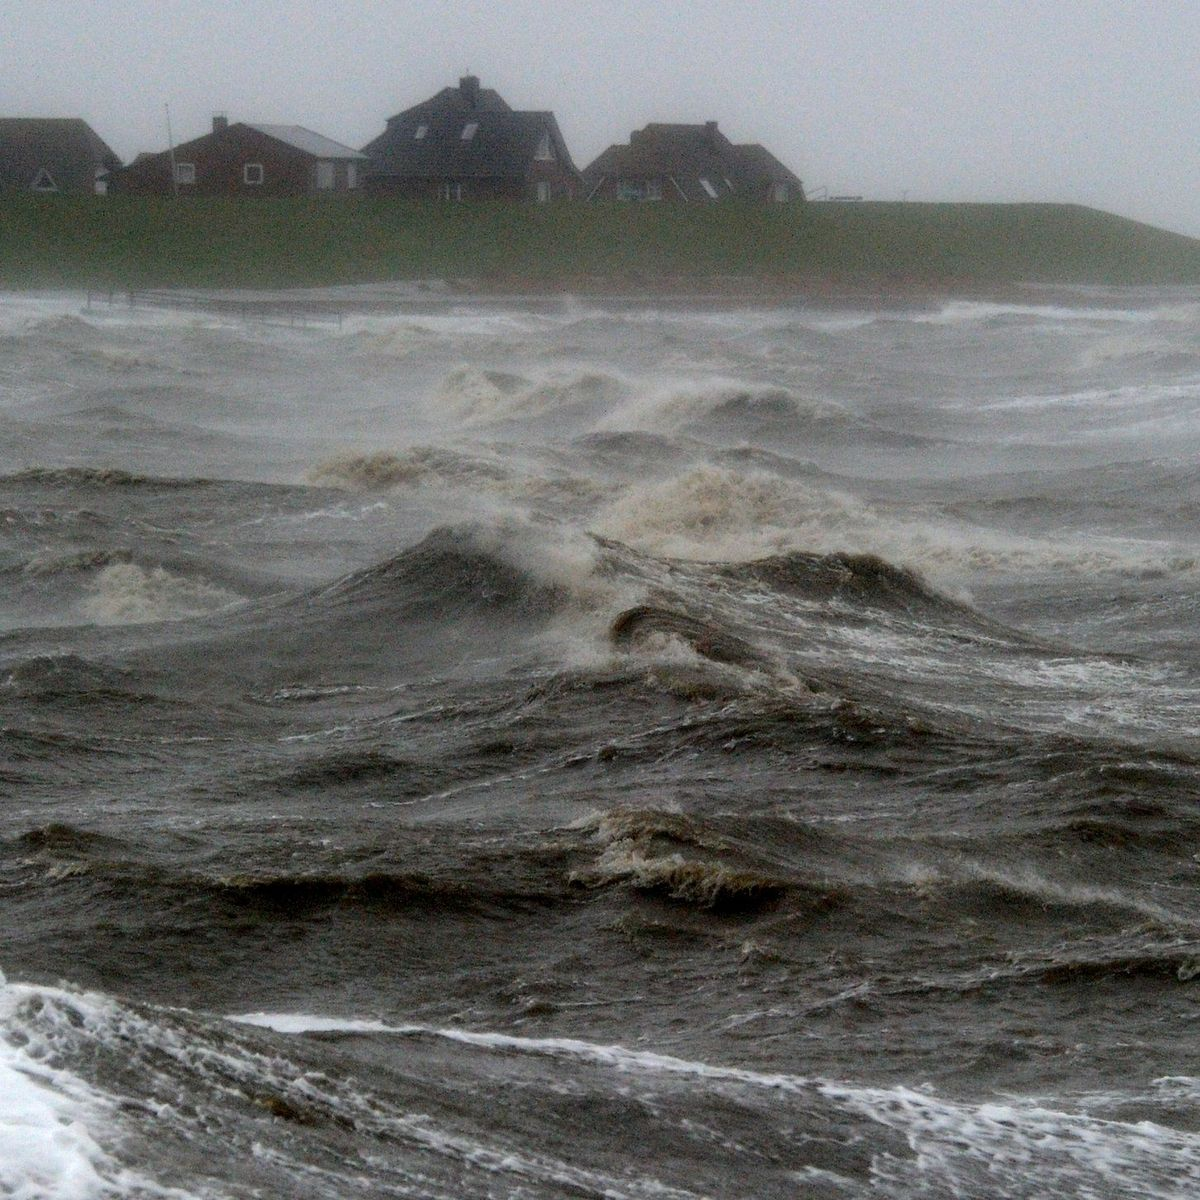 Meeresspiegelanstieg Das Droht Deutschlands Kusten Der Spiegel